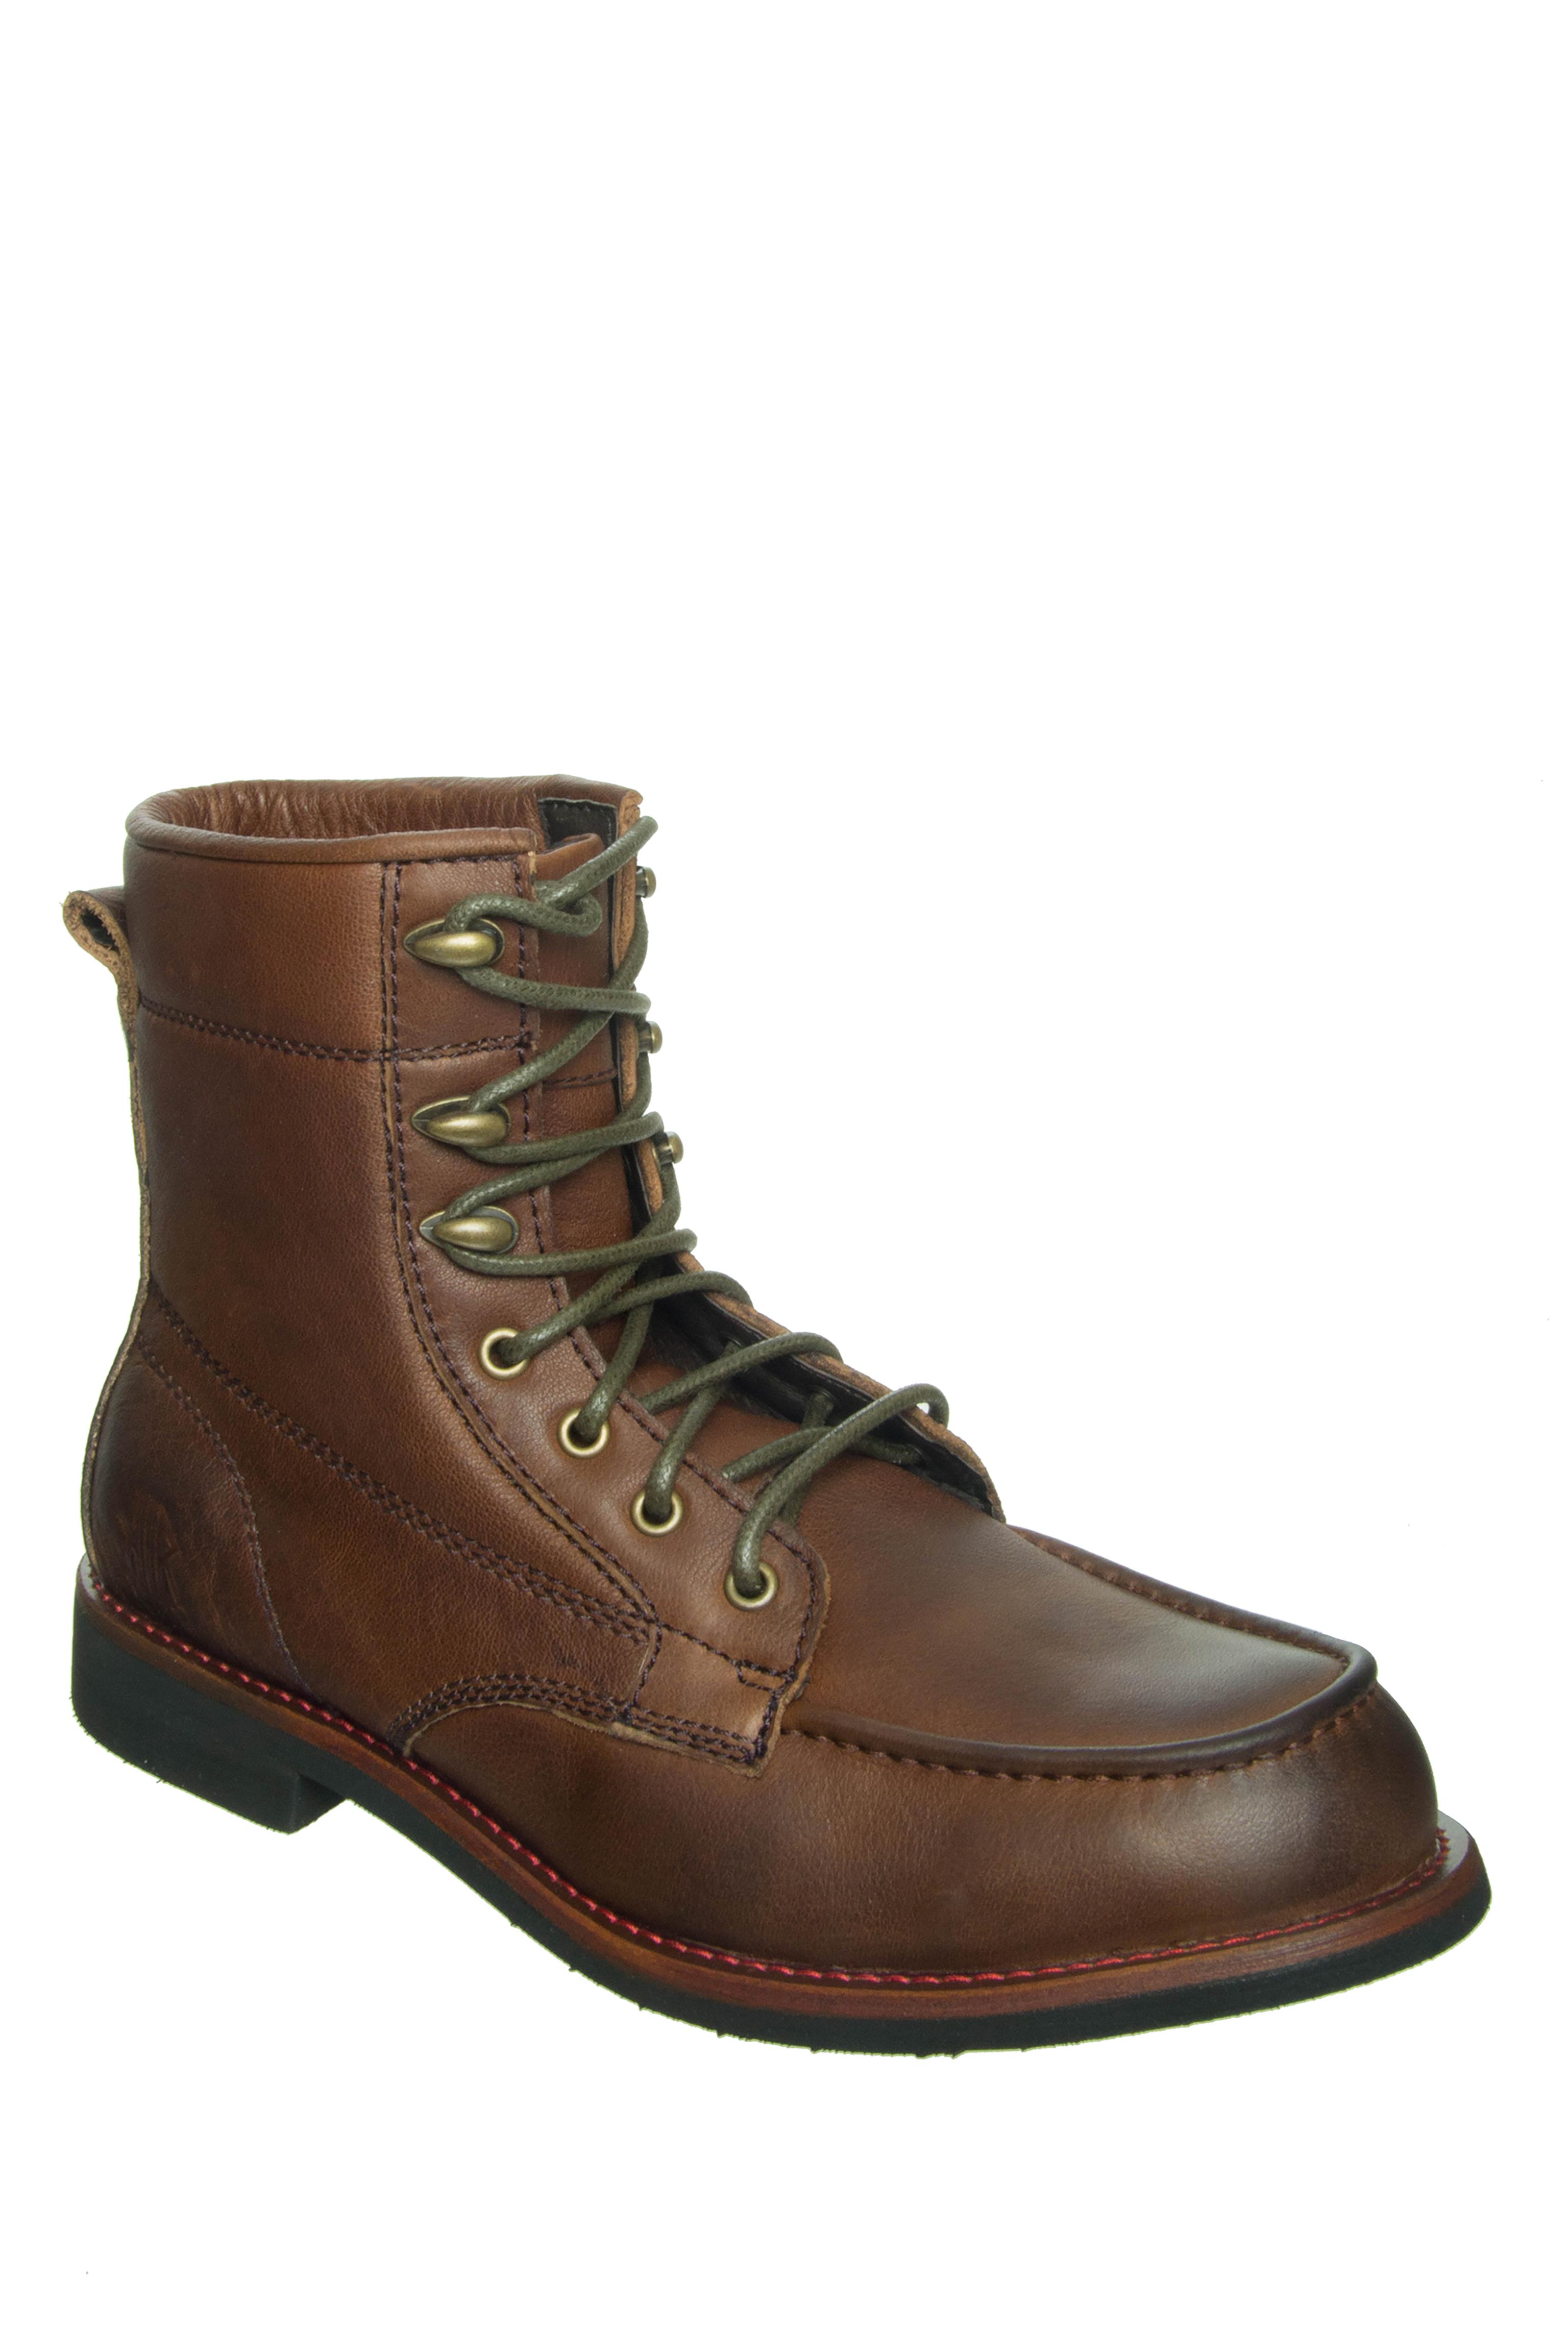 Unisex KLR Ryan Low Heel Boots - Brown